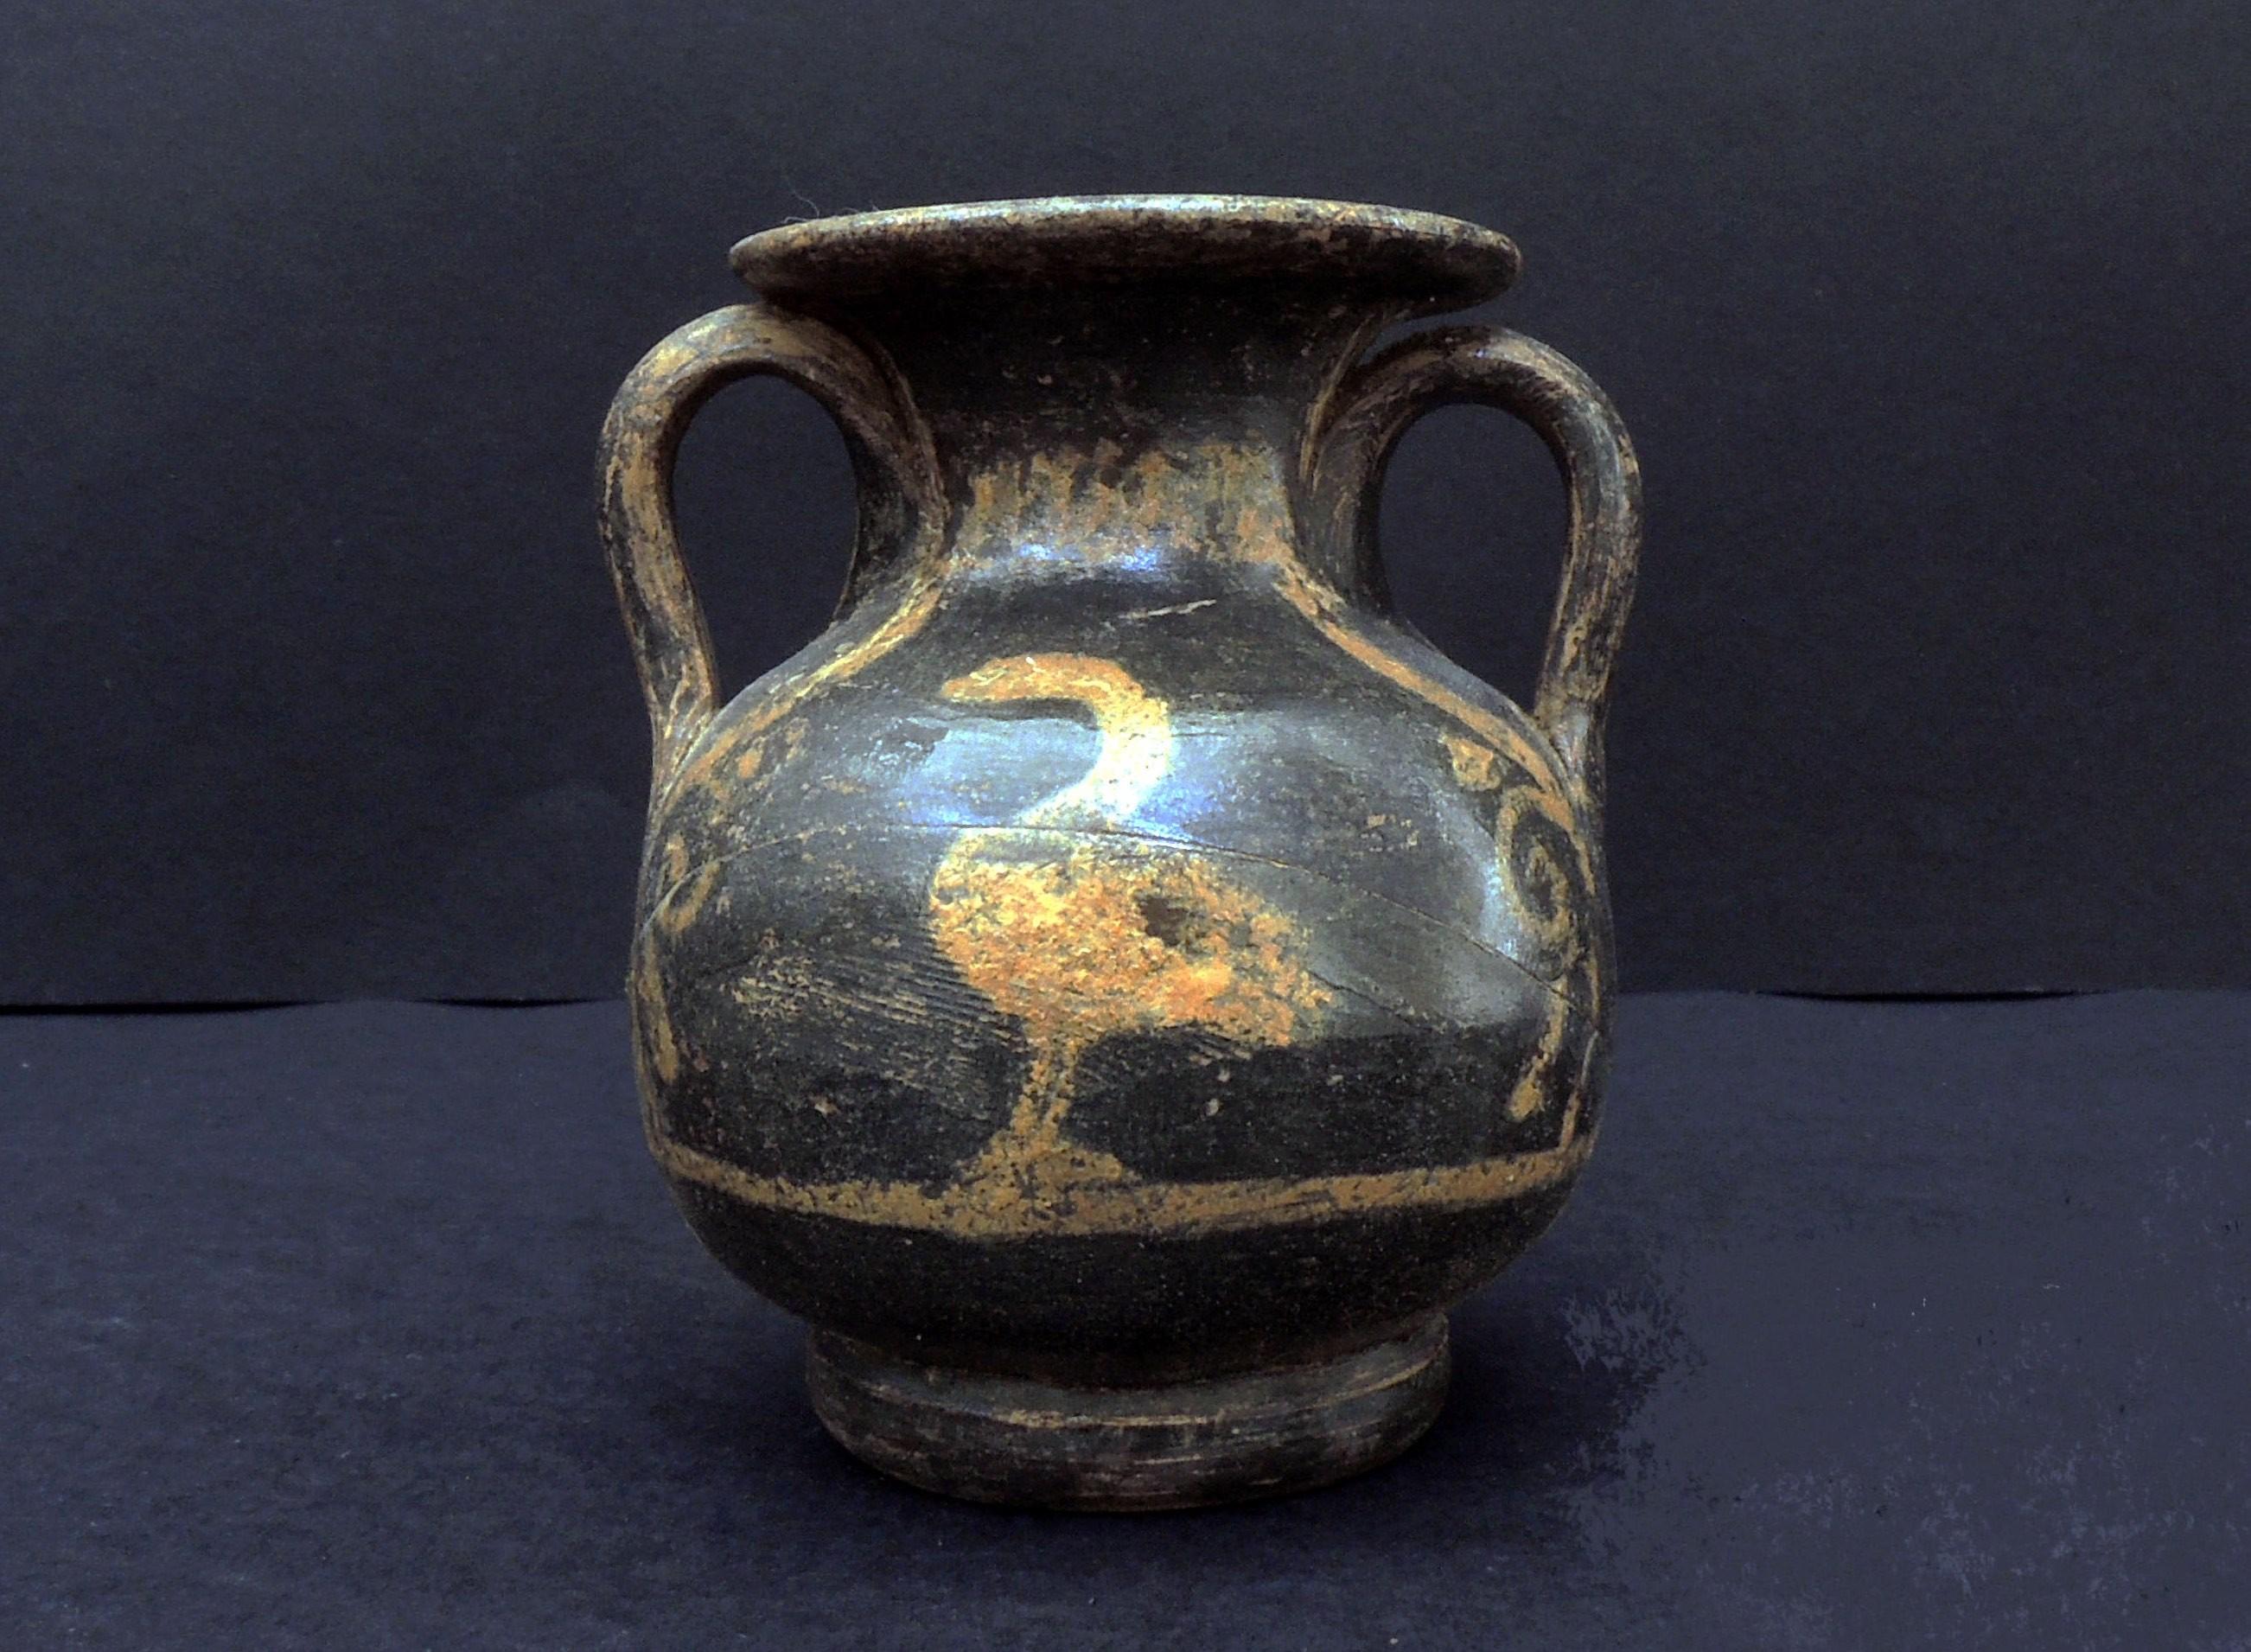 Vaso encontrado no sítio arqueológico (Foto: S OPRINTENDENZA SPECIALE DI ROMA)